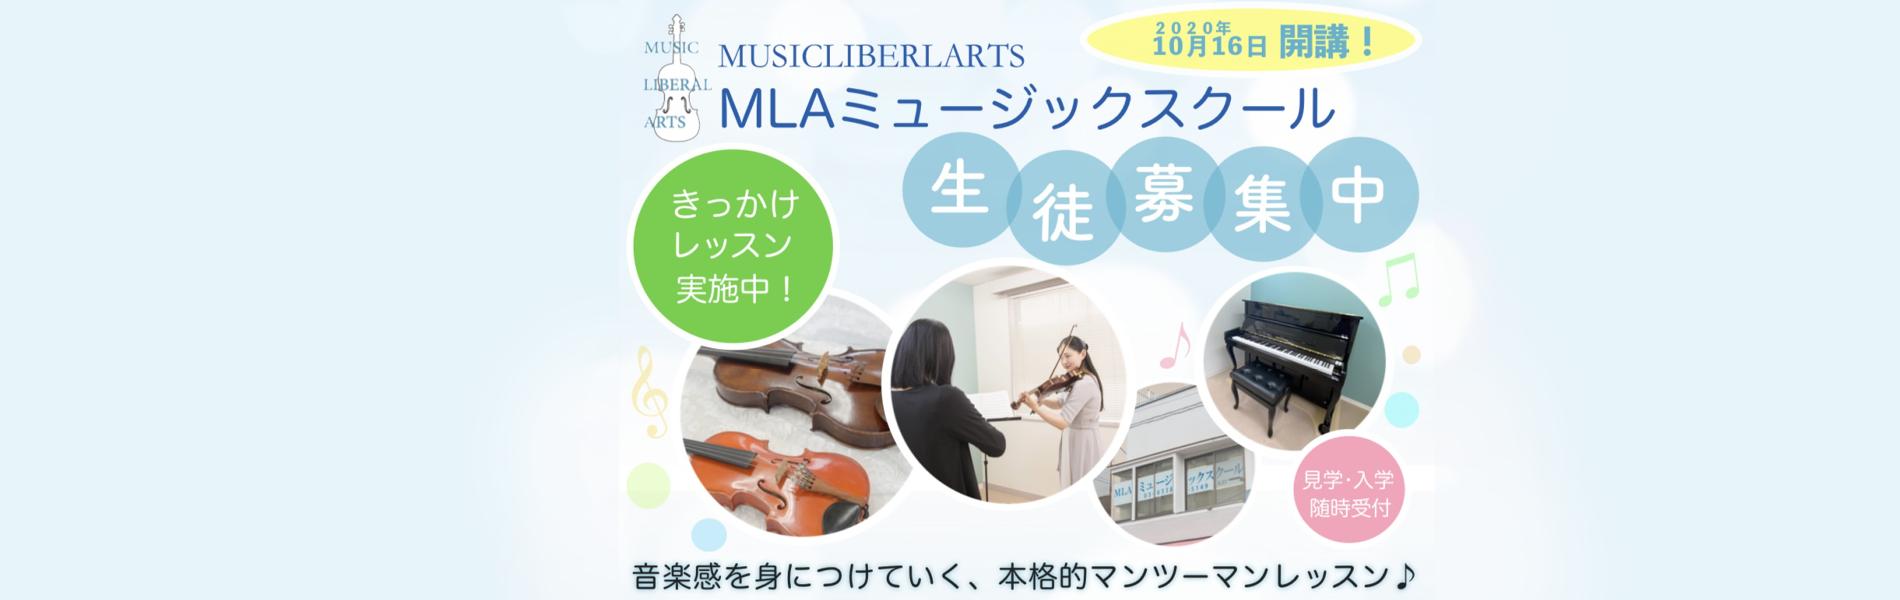 世田谷区千歳烏山駅から徒歩5分 MALミュージックスクール